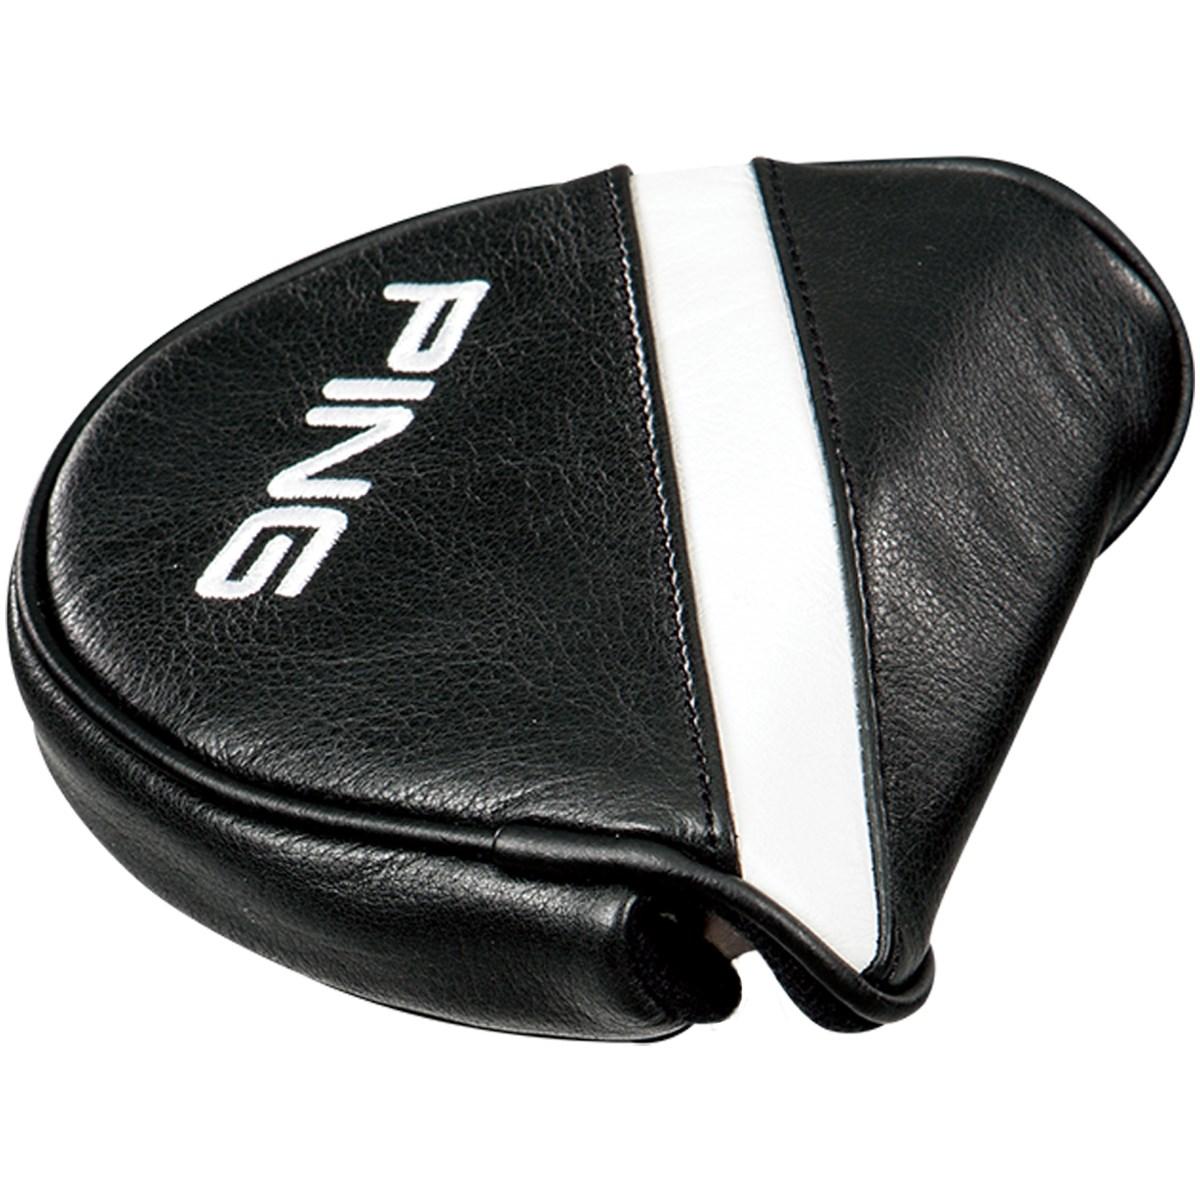 [2018年モデル] ピン PING レザー パターカバー ブラック メンズ ゴルフ